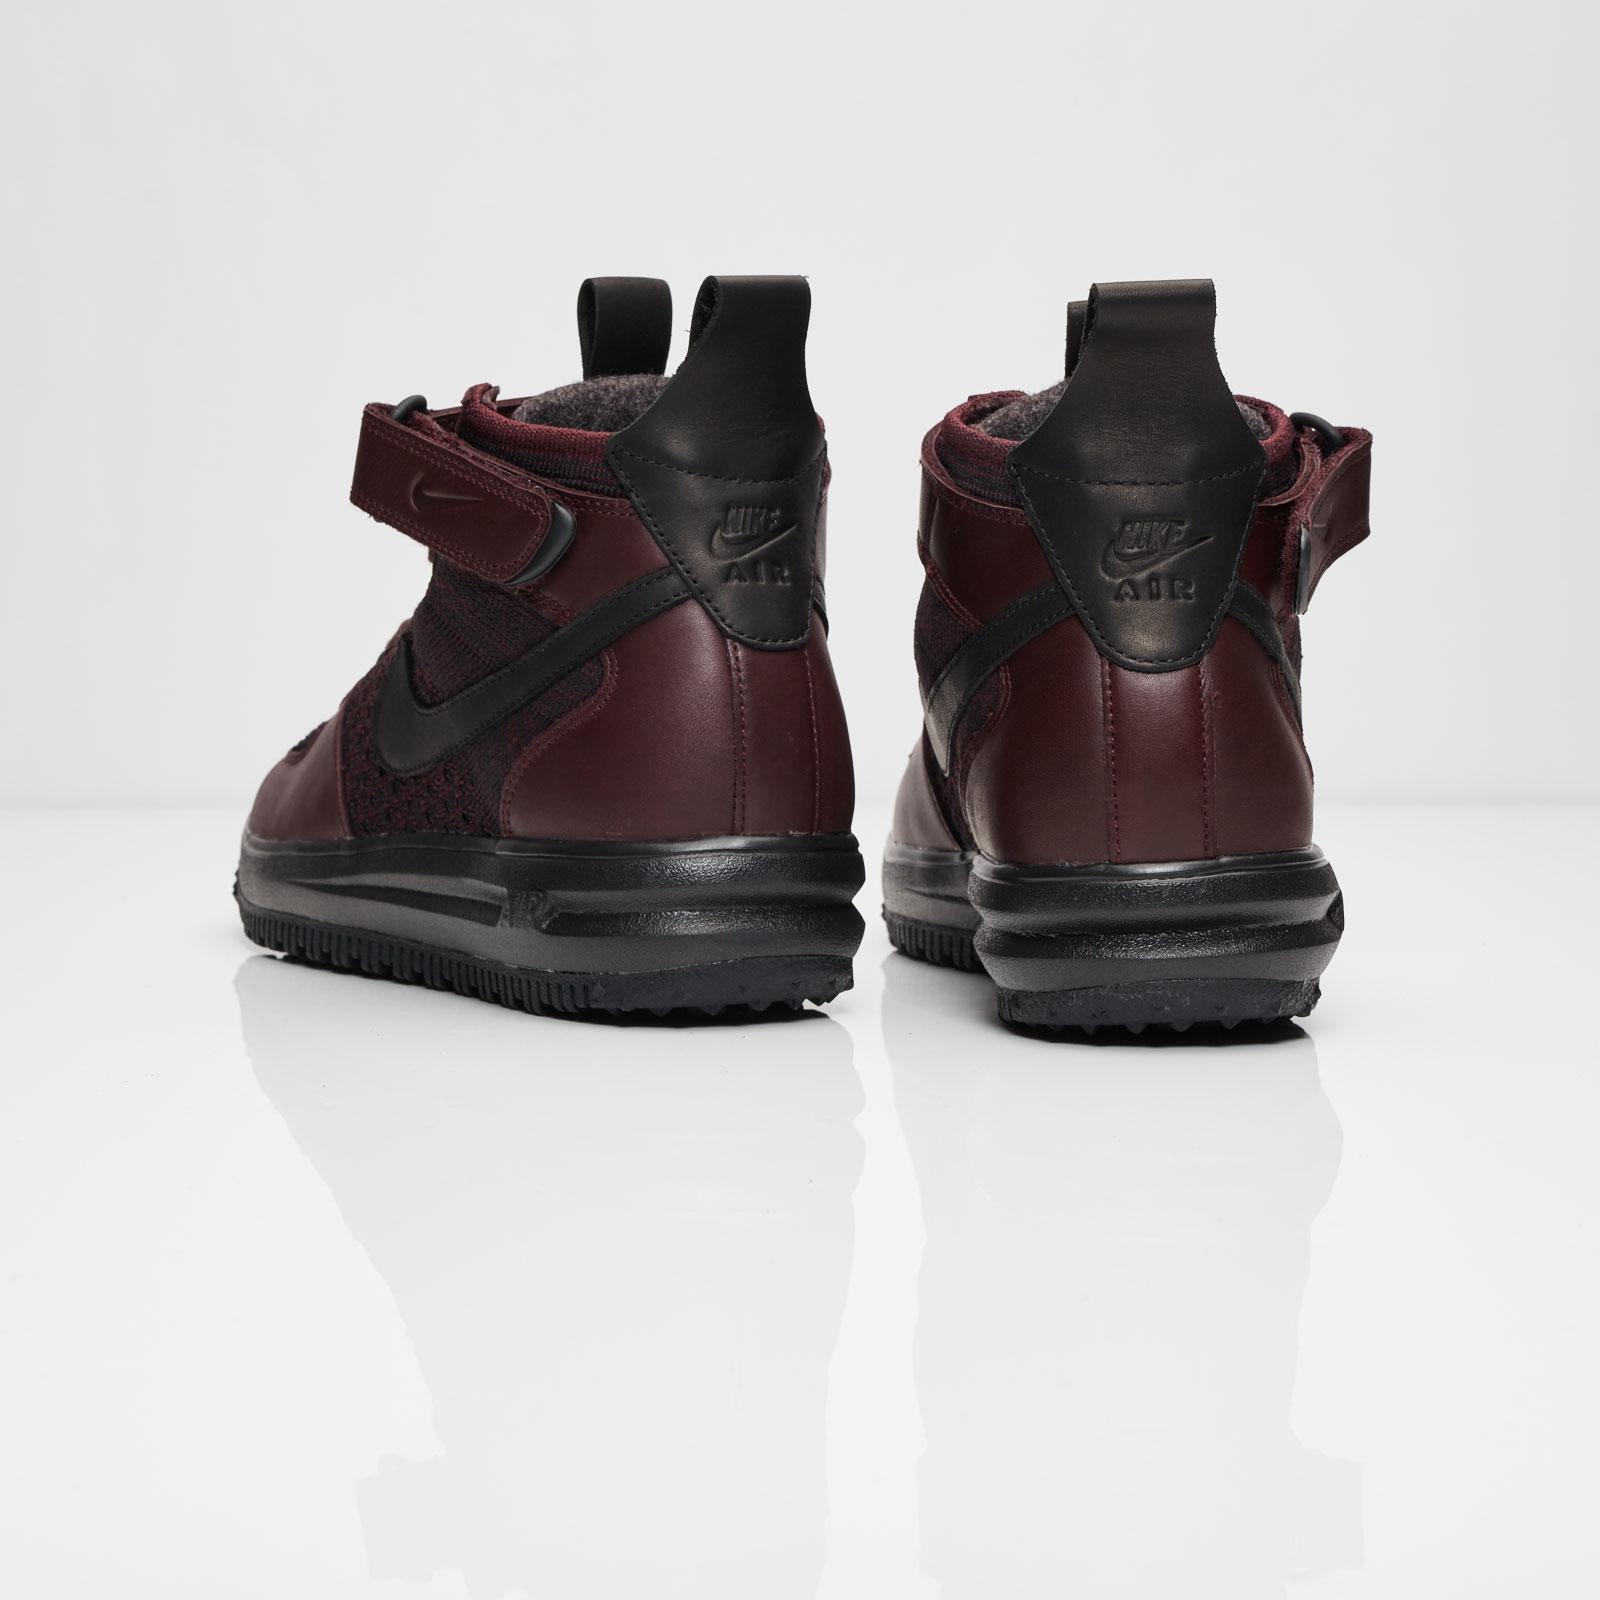 quality design 1124e c2114 Nike Lunar Force 1 Flyknit Workboot - 855984-600 - Sneakersnstuff    sneakers   streetwear online since 1999